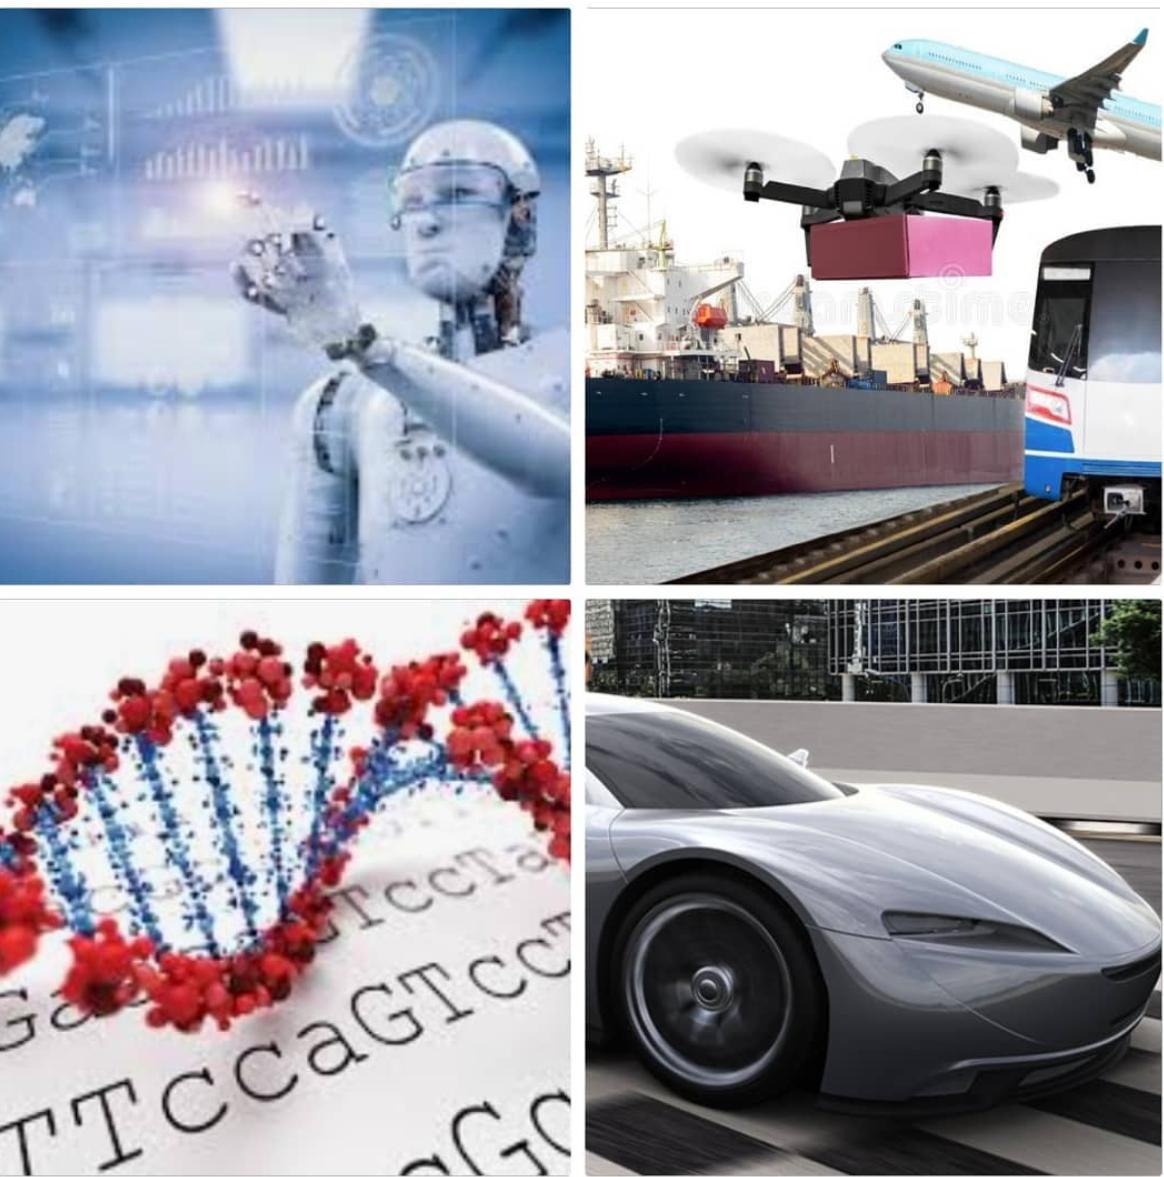 Auto's, boten, treinen en vliegtuigen - en terwijl we toch bezig zijn, laten we ook kanker genezen, want waarom niet?